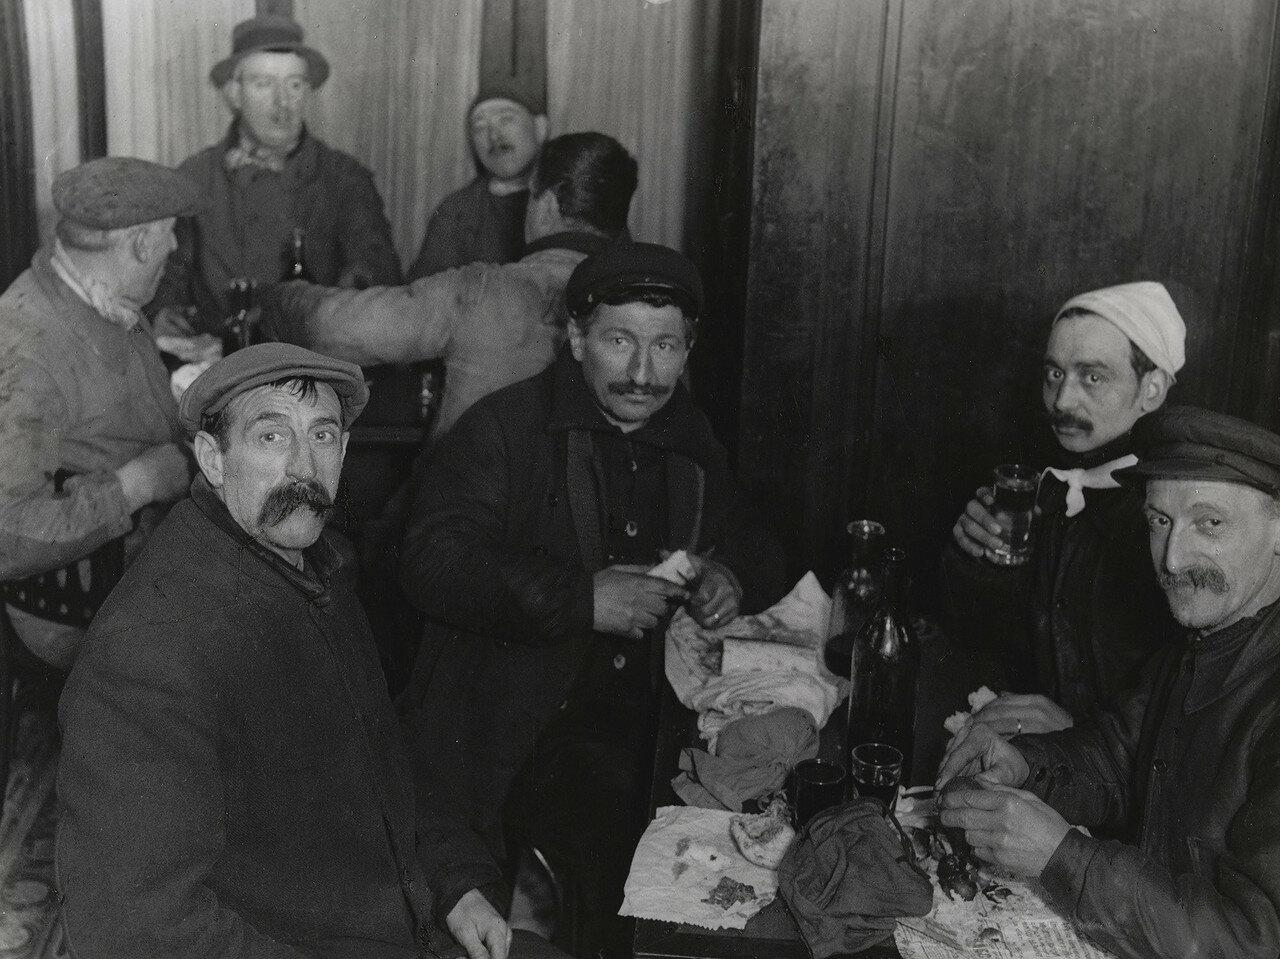 1931. Ужин ассенизаторов. Париж, район Сен-Поль